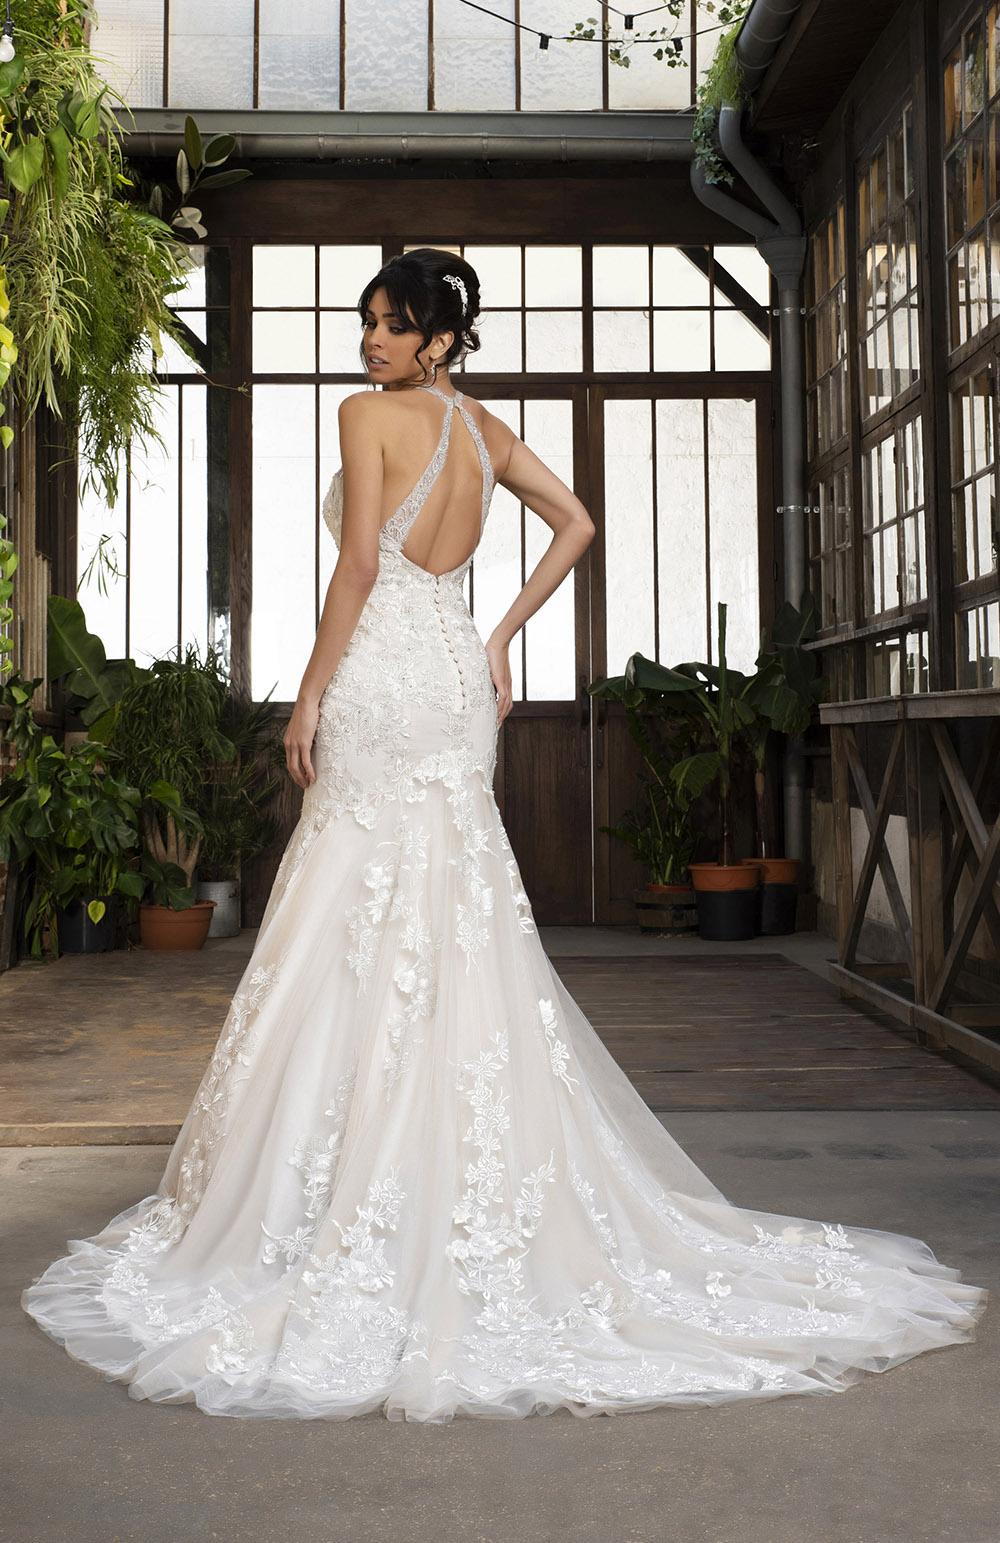 Robe de mariée Modèle Cassidy   Couture Nuptiale Paris - Robes Couture Nuptiale 2021